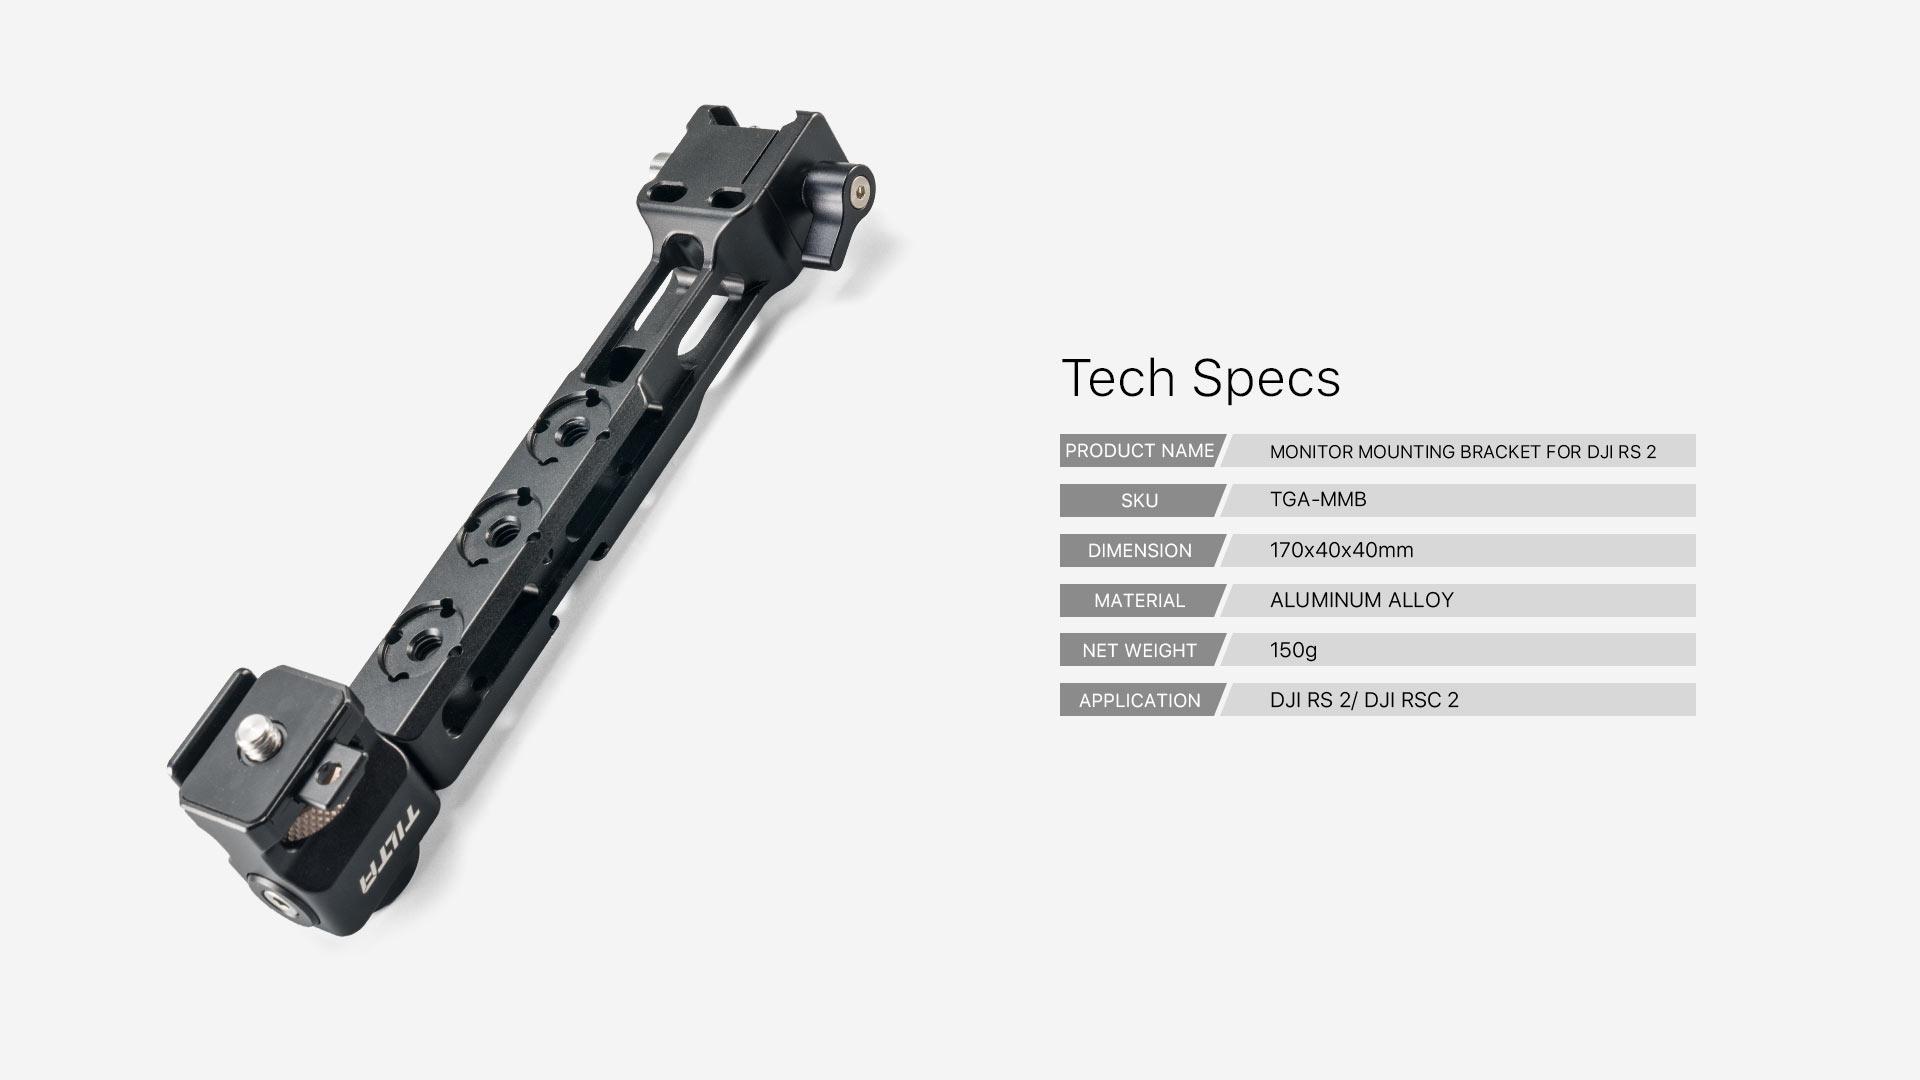 TGA-MMB Tech Specs